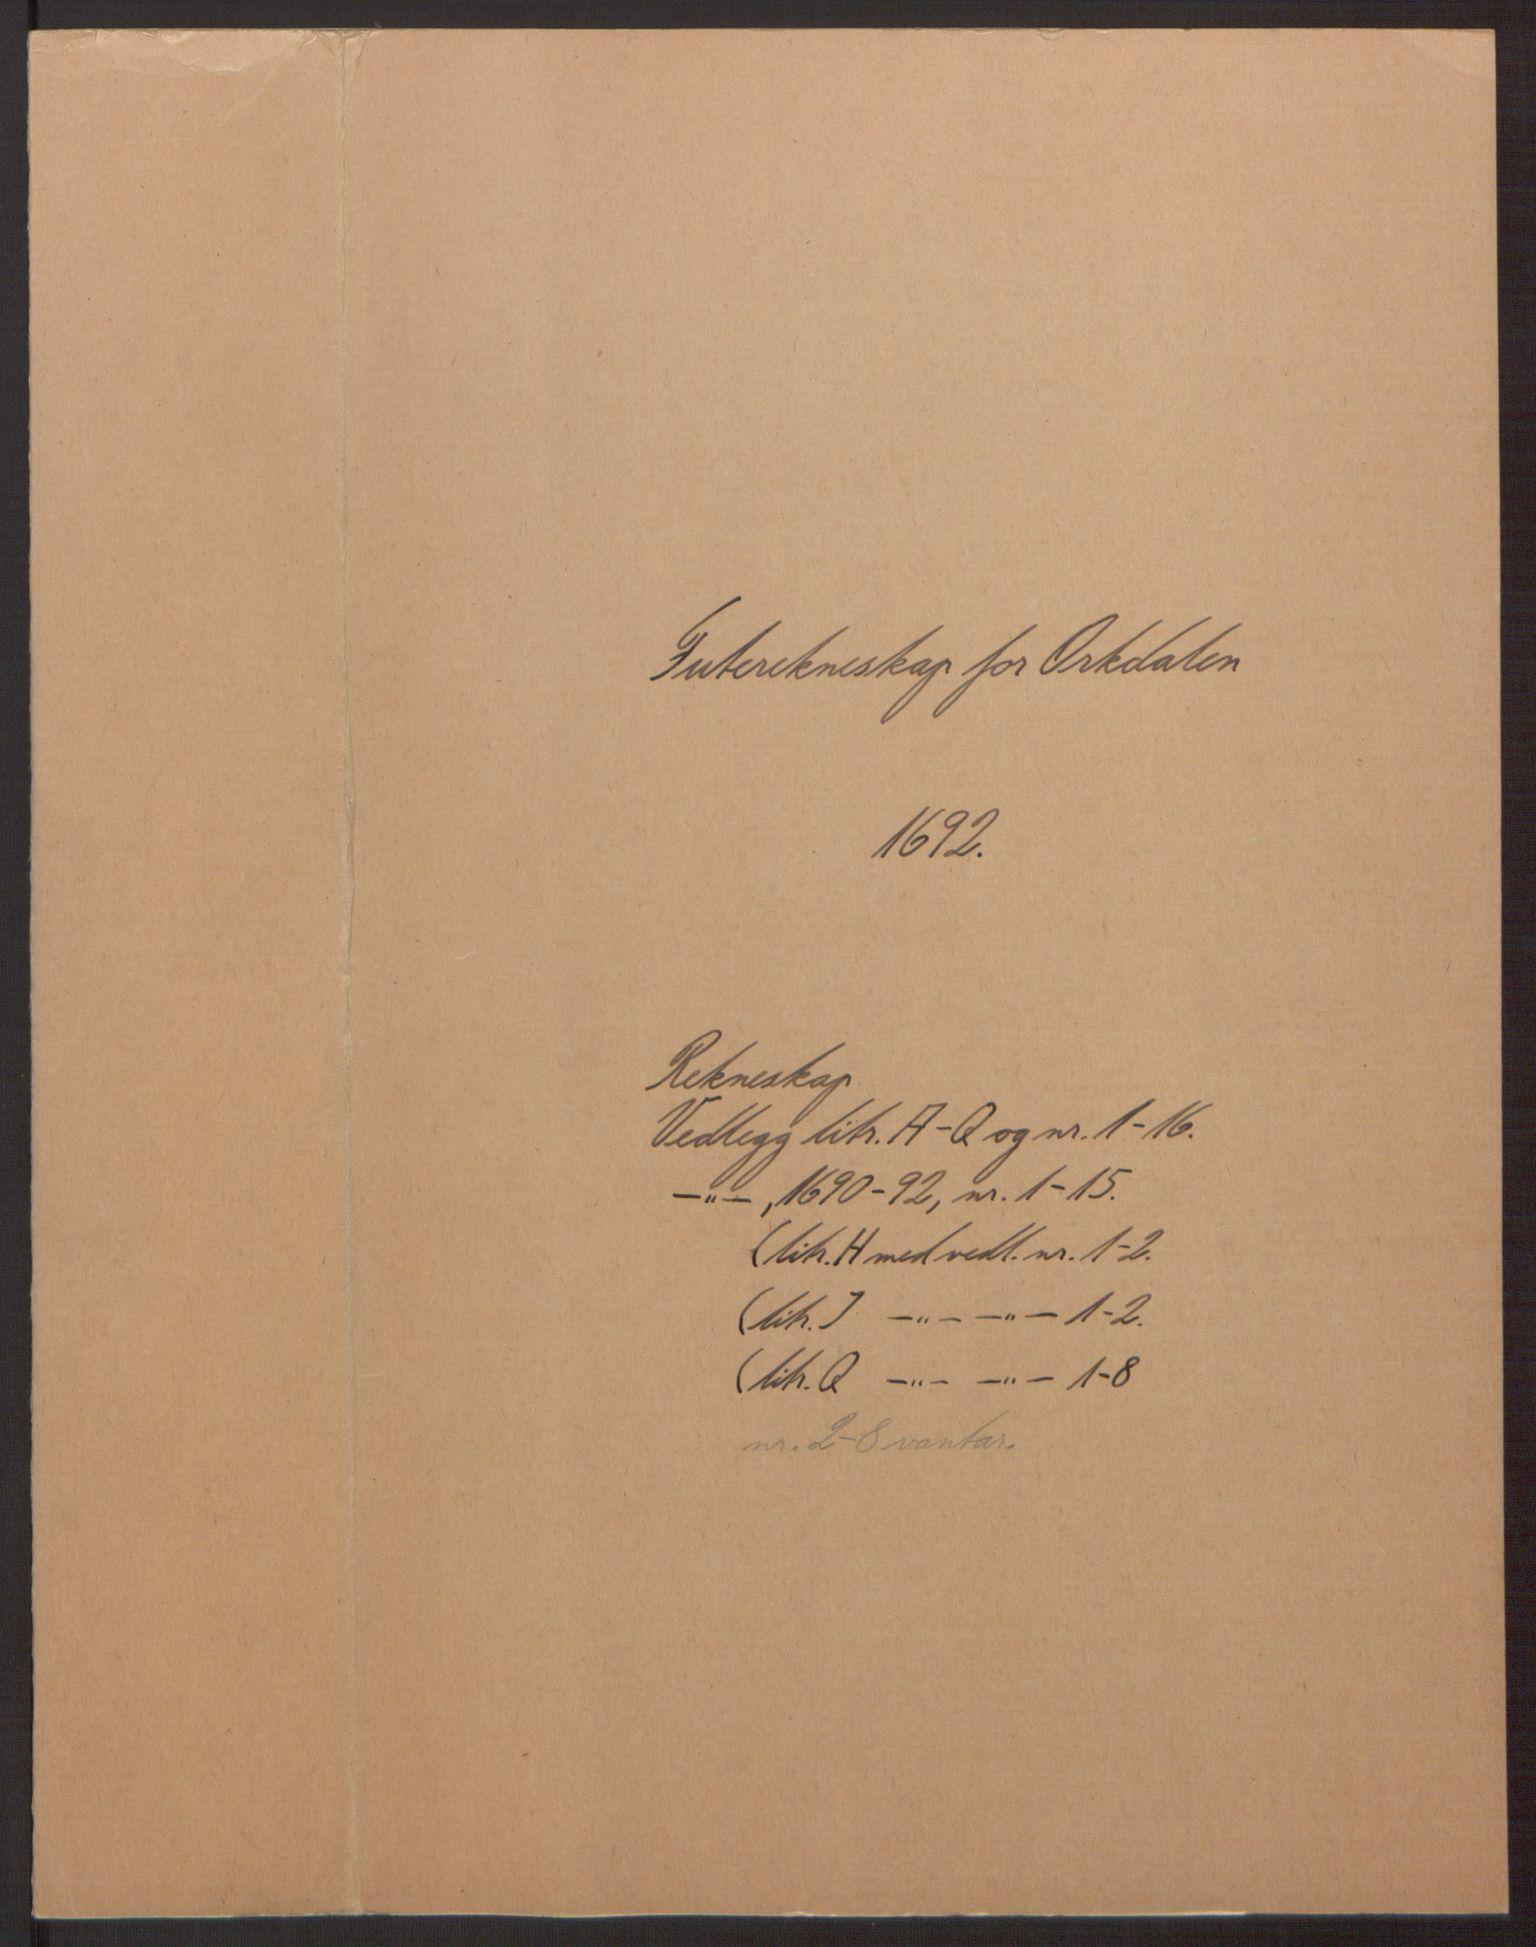 RA, Rentekammeret inntil 1814, Reviderte regnskaper, Fogderegnskap, R58/L3937: Fogderegnskap Orkdal, 1691-1692, s. 171